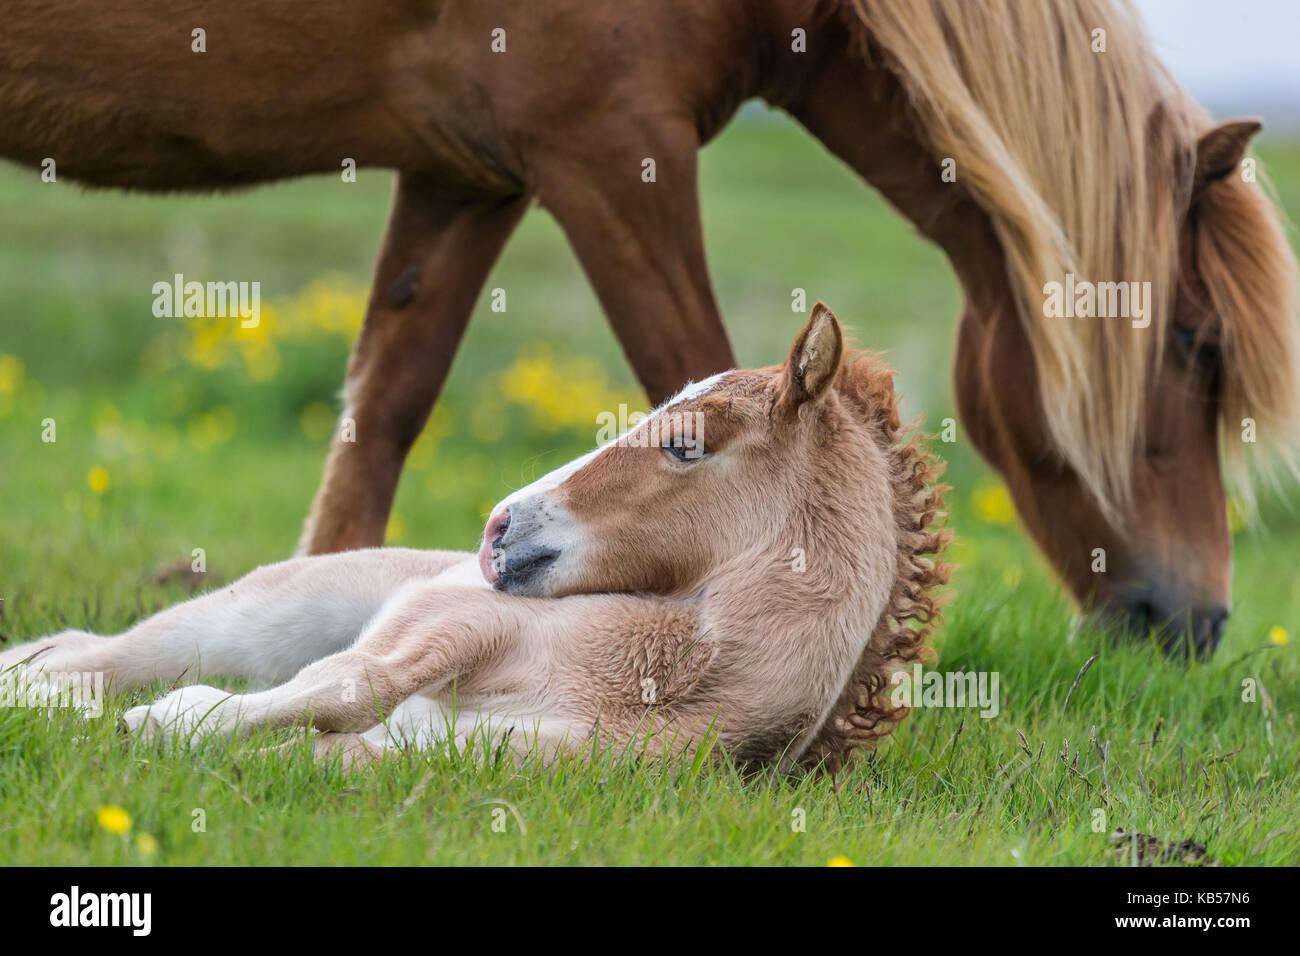 Mare et son poulain islandais l'Islande, les chevaux de race pure, de l'islande Photo Stock